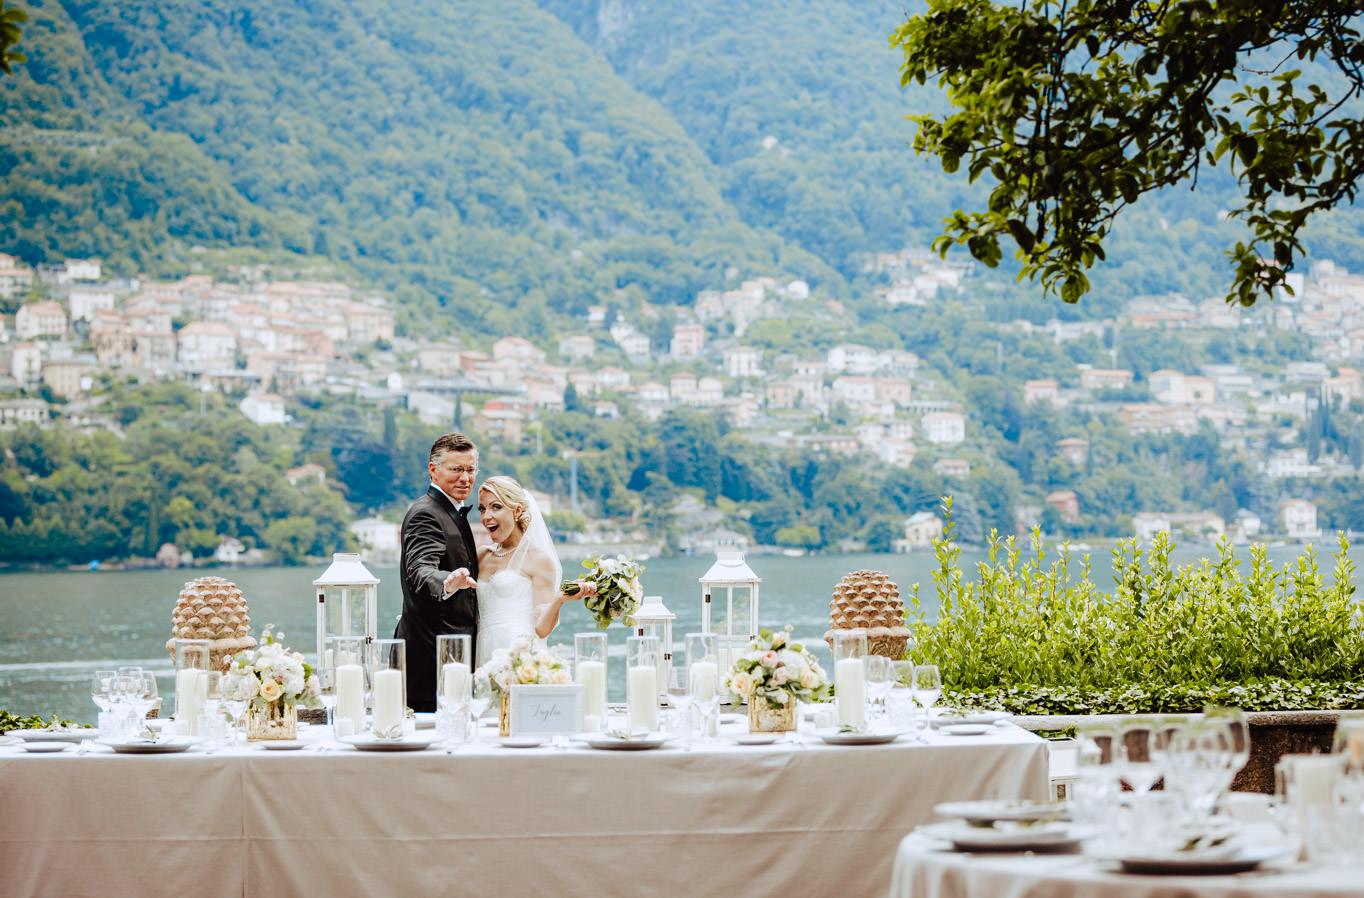 wedding table villa regina teodolinda lake como